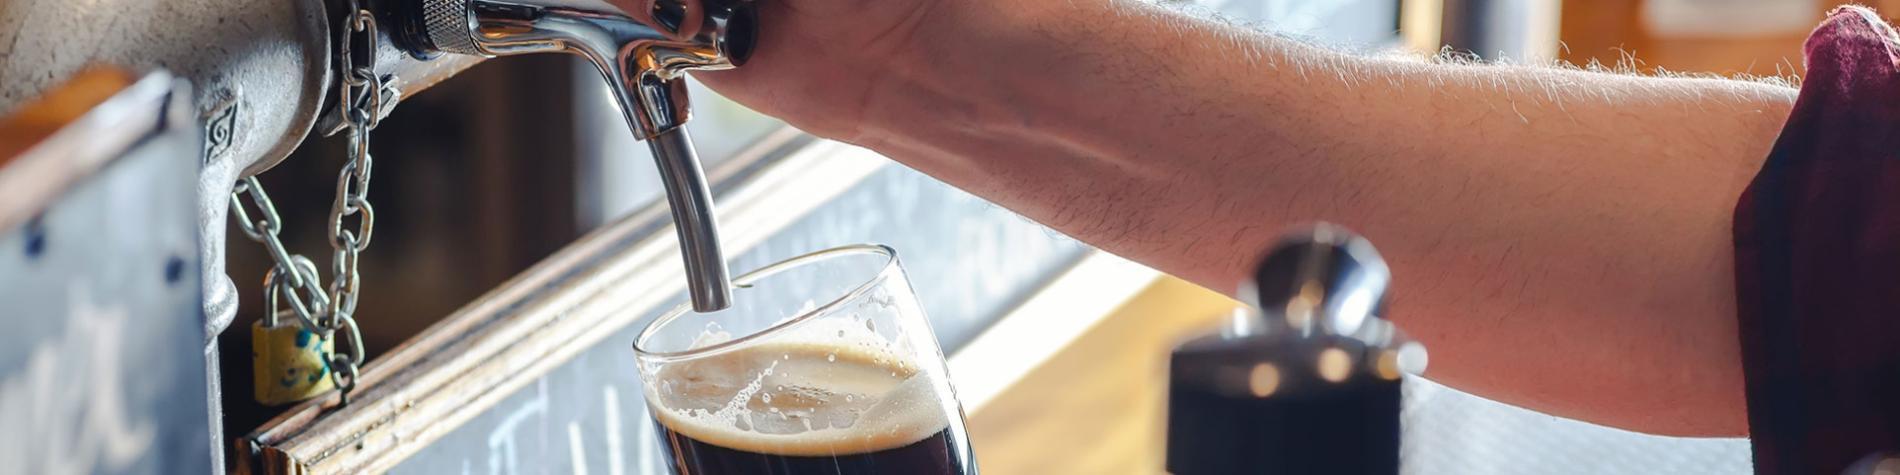 événement brassicole - bière - houblon - malte - stout